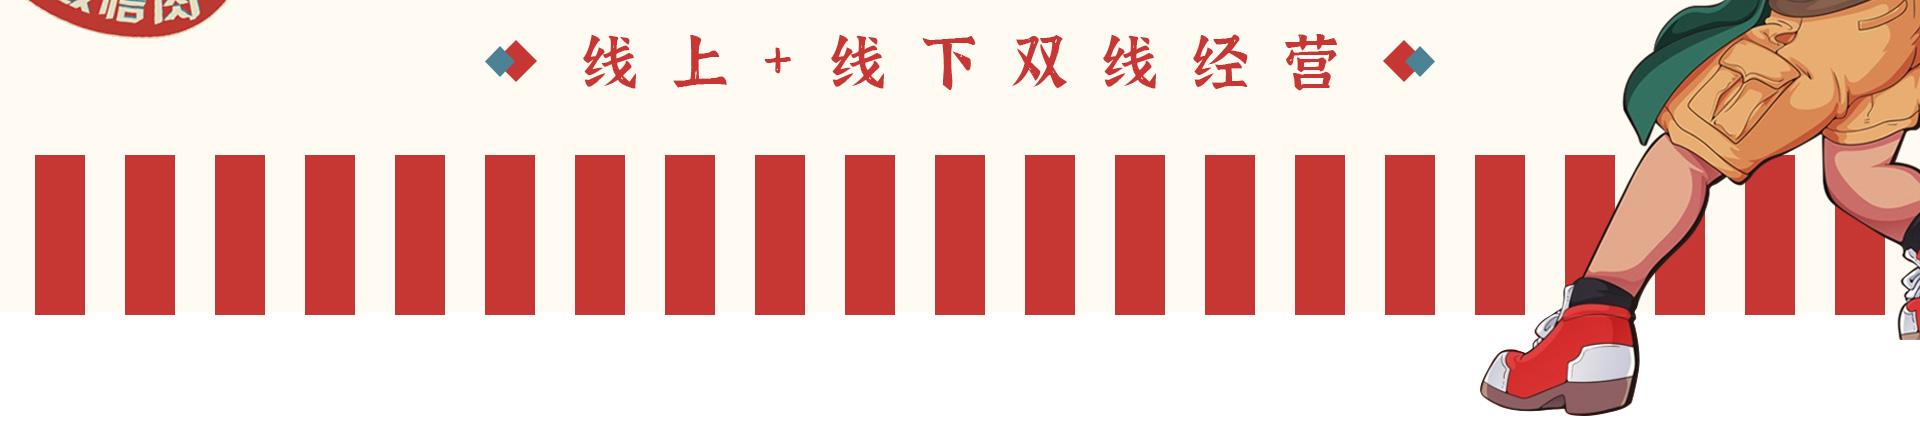 刘闲得市井烤肉详情_02